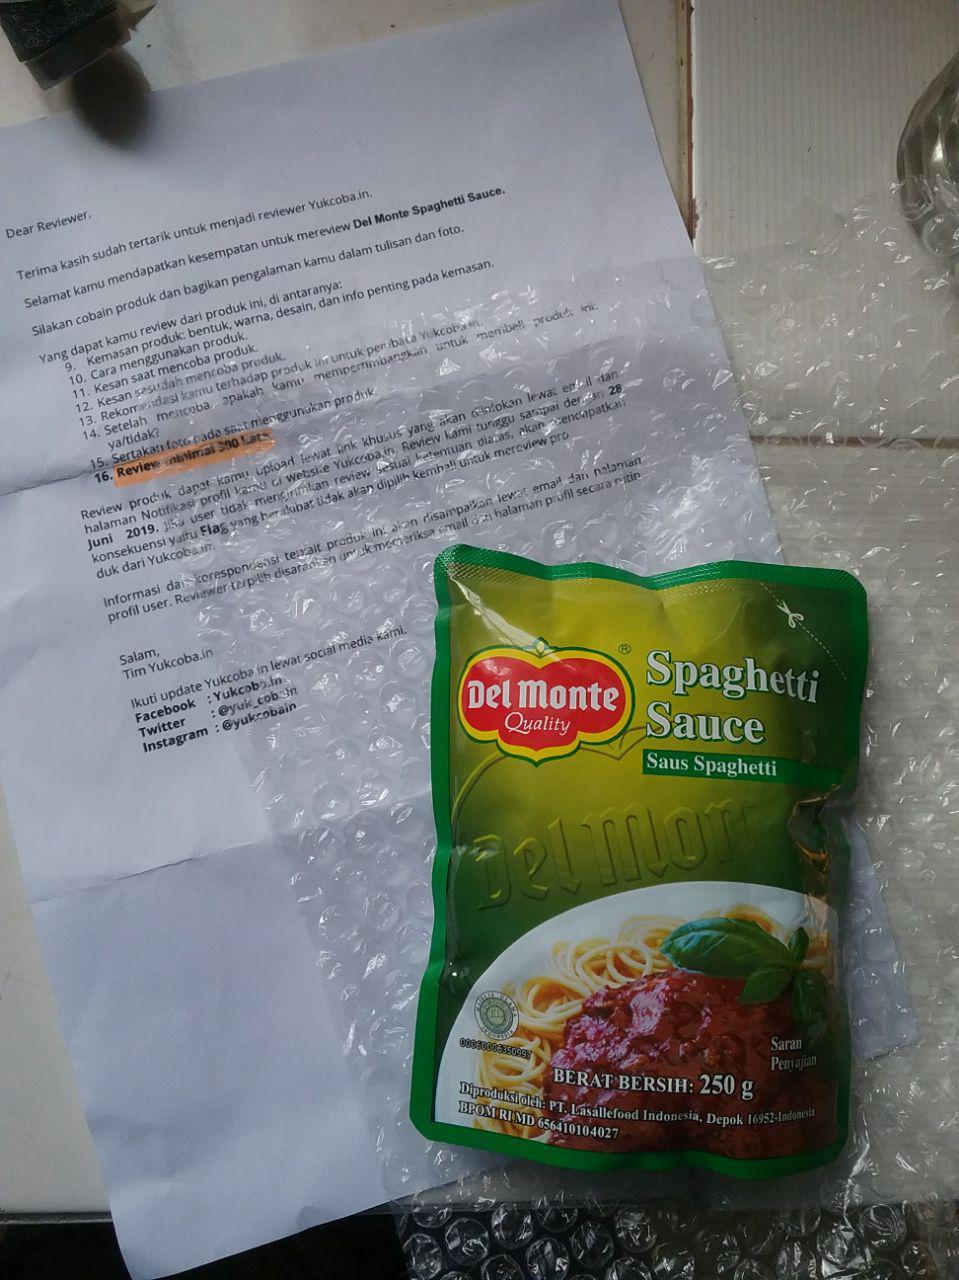 gambar review ke-1 untuk Del Monte Spaghetti Sauce